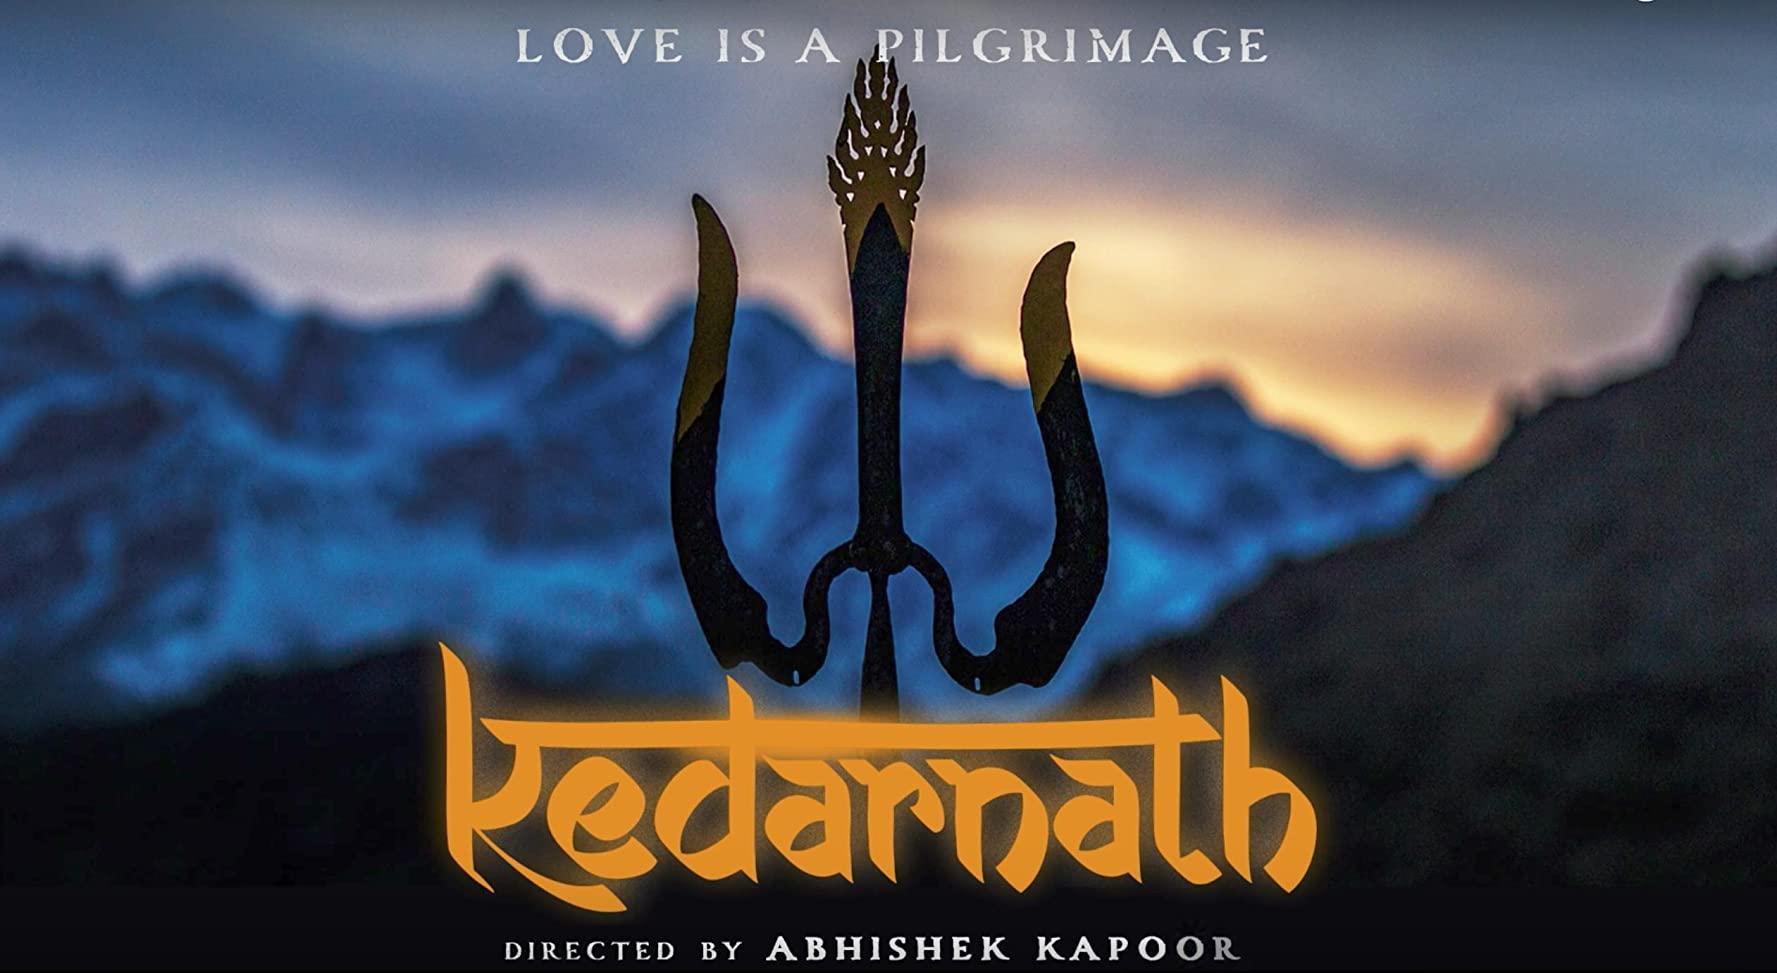 مشاهدة فيلم Kedarnath (2018) مترجم HD اون لاين